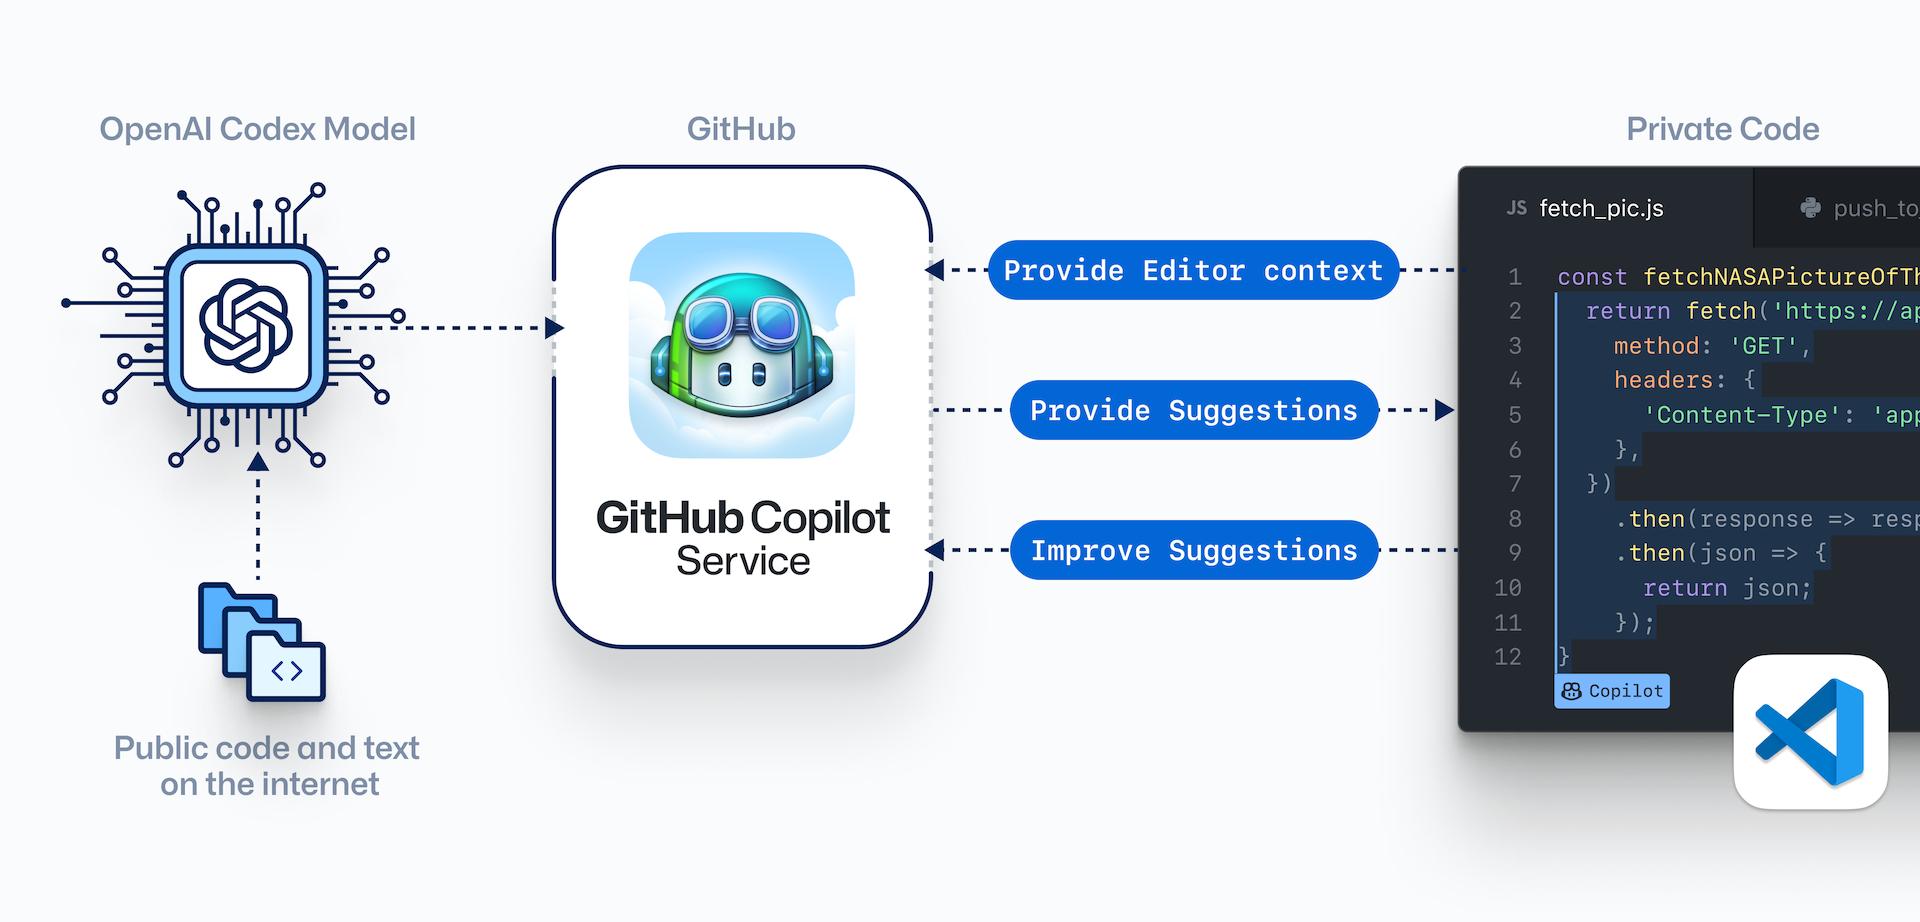 Githubowy Copilot zawodzi w 40 procentach przypadków